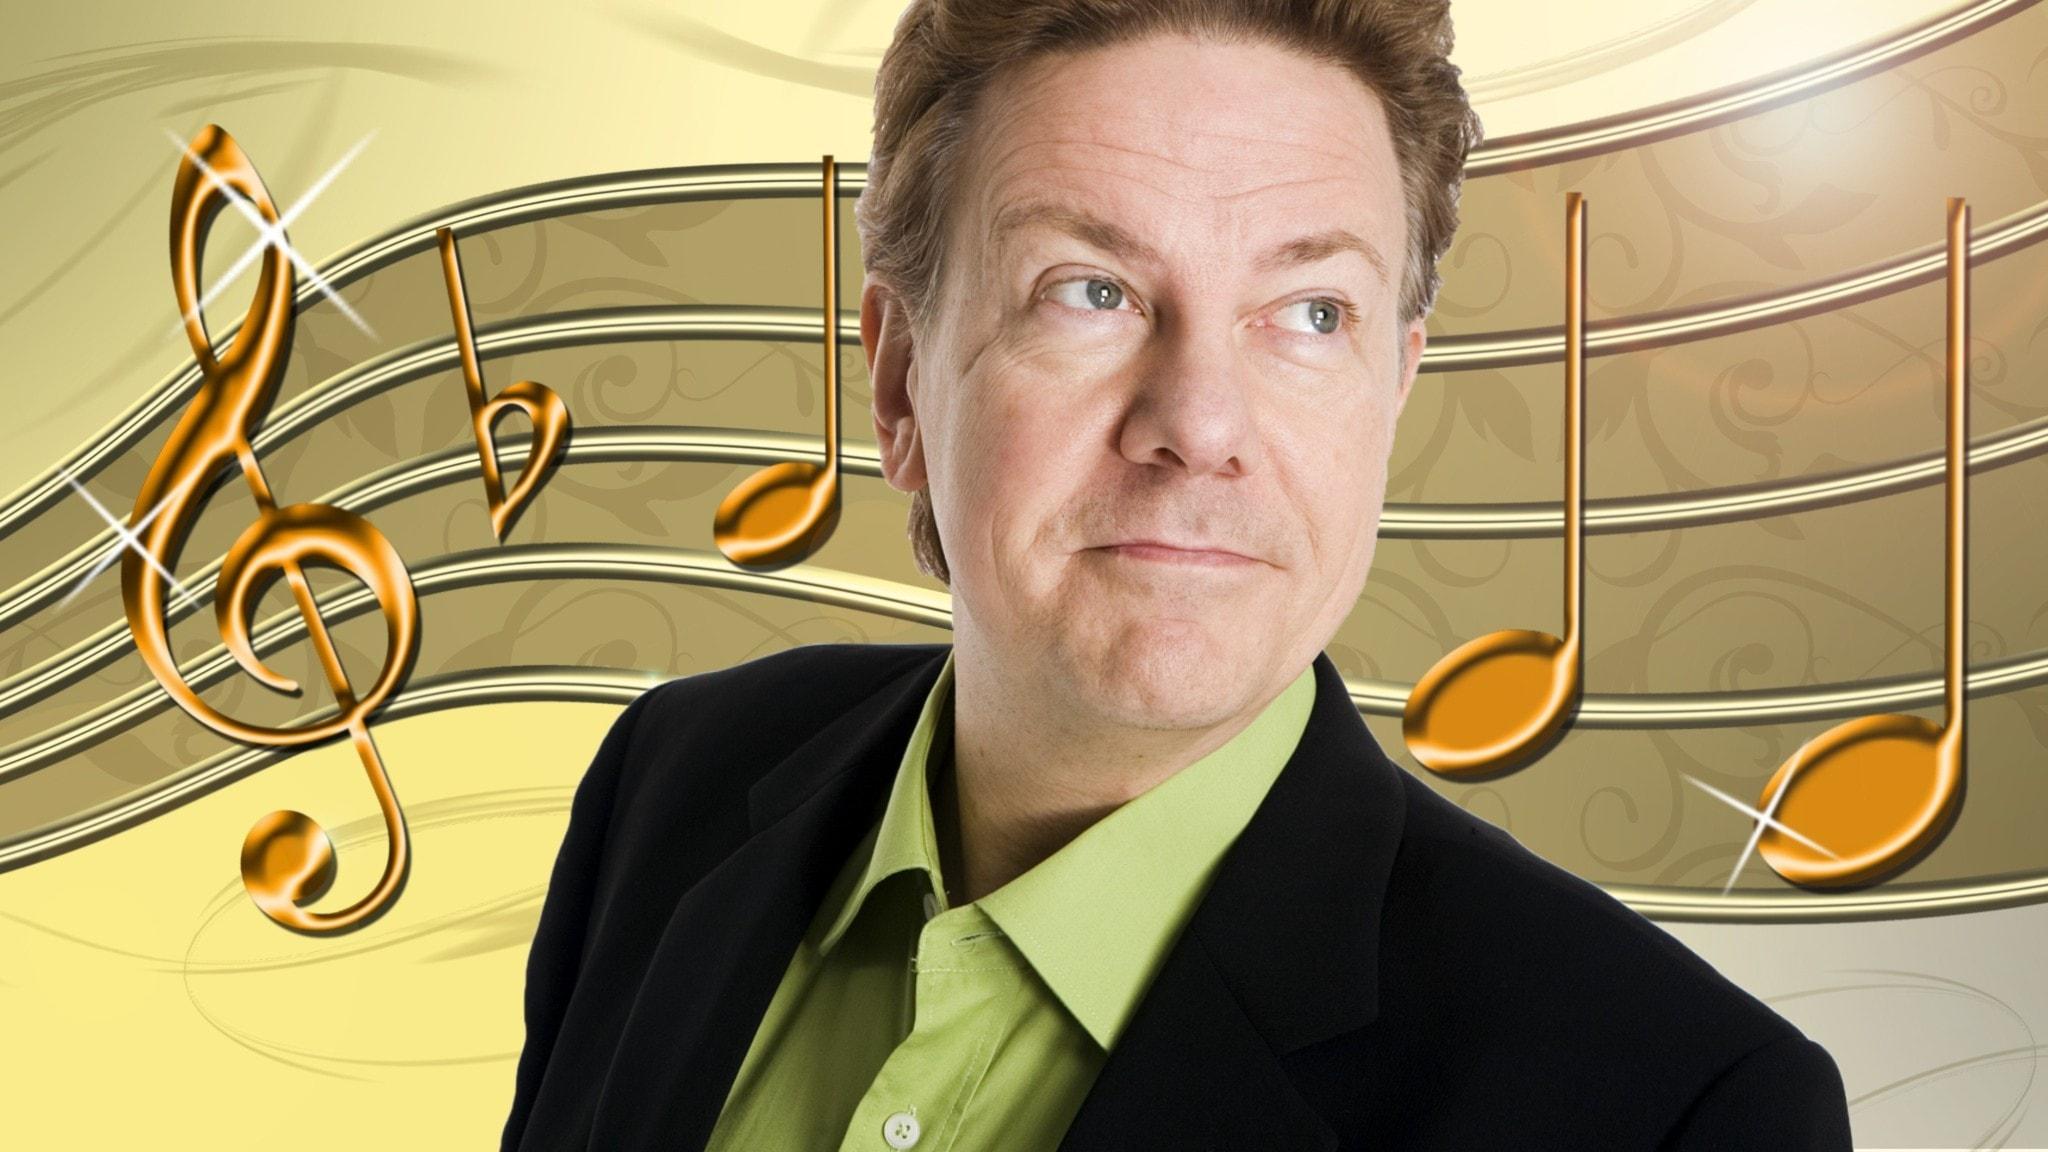 Programledaren Anders Eldeman i förgrunden och noter i glada färger i bakgrunden.